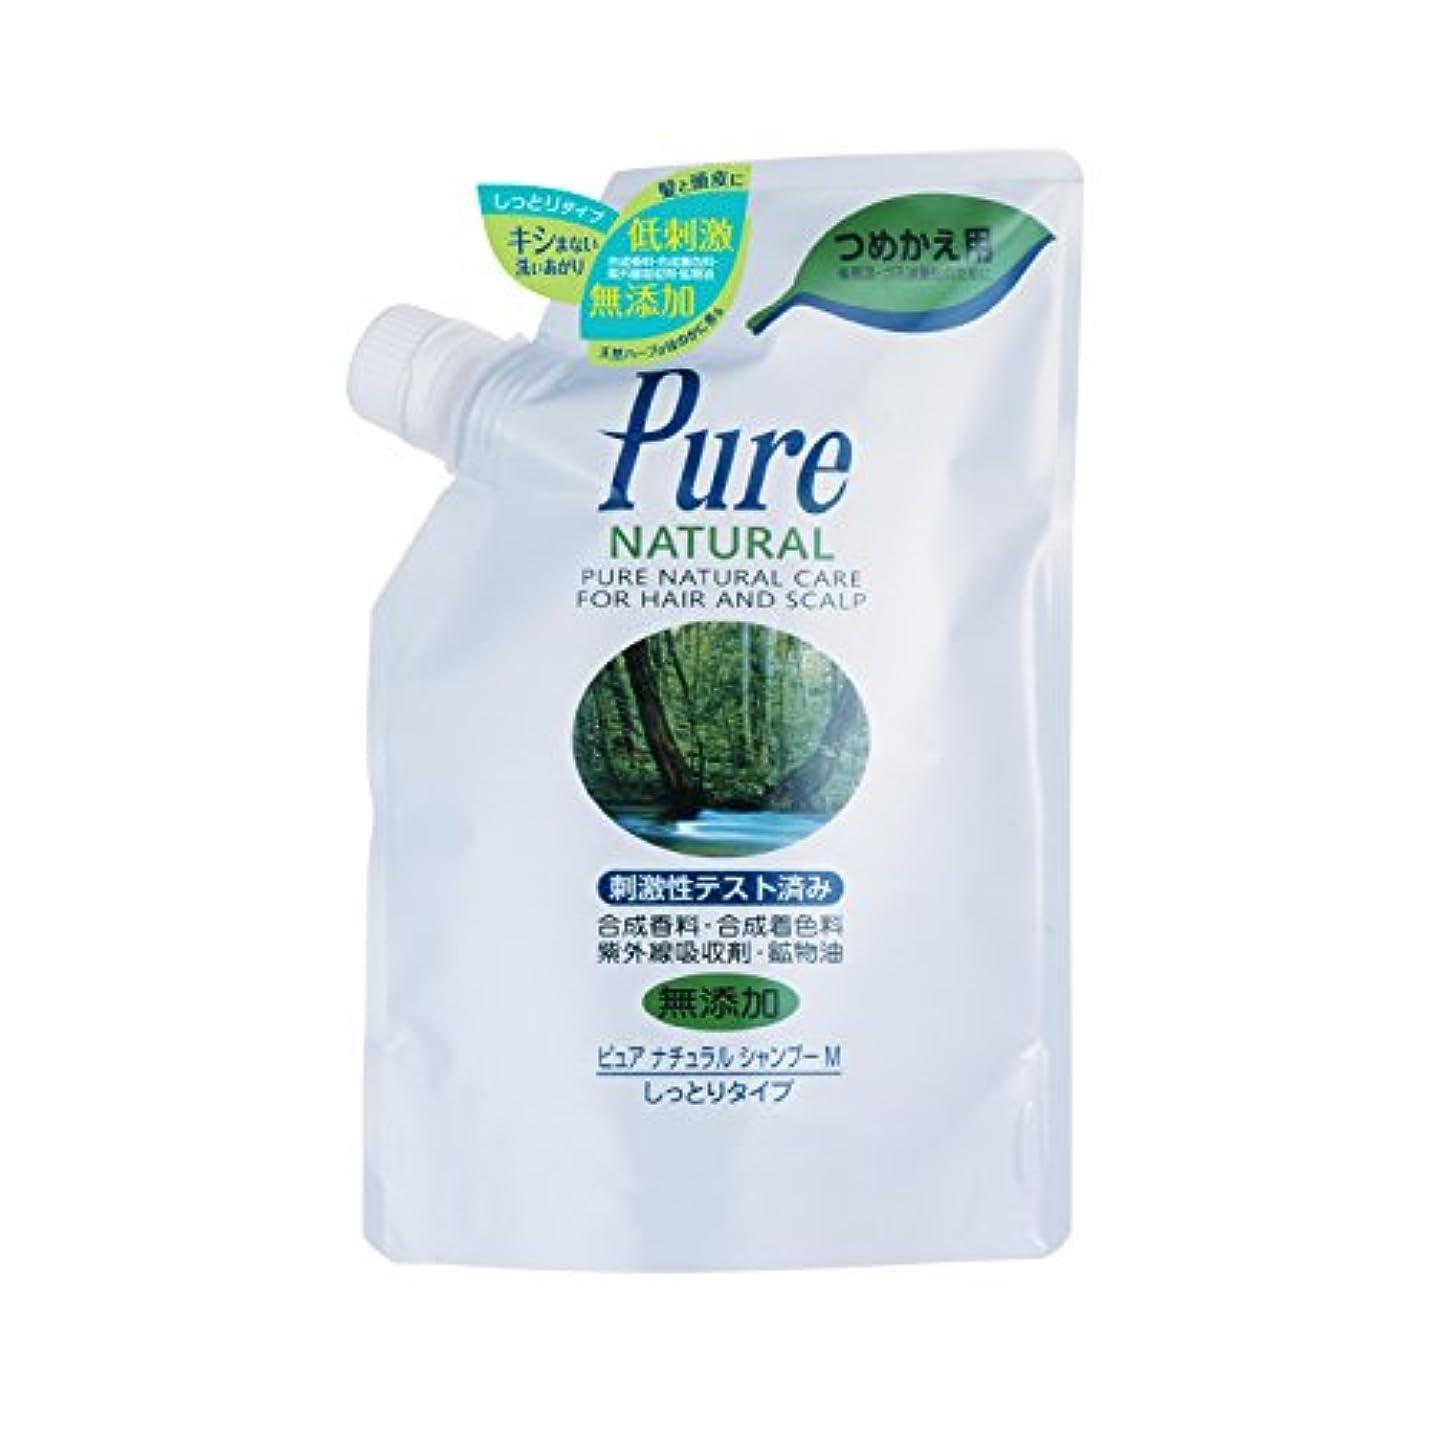 安全な地区発表Pure NATURAL(ピュアナチュラル) シャンプー M (しっとりタイプ) 詰替用400ml